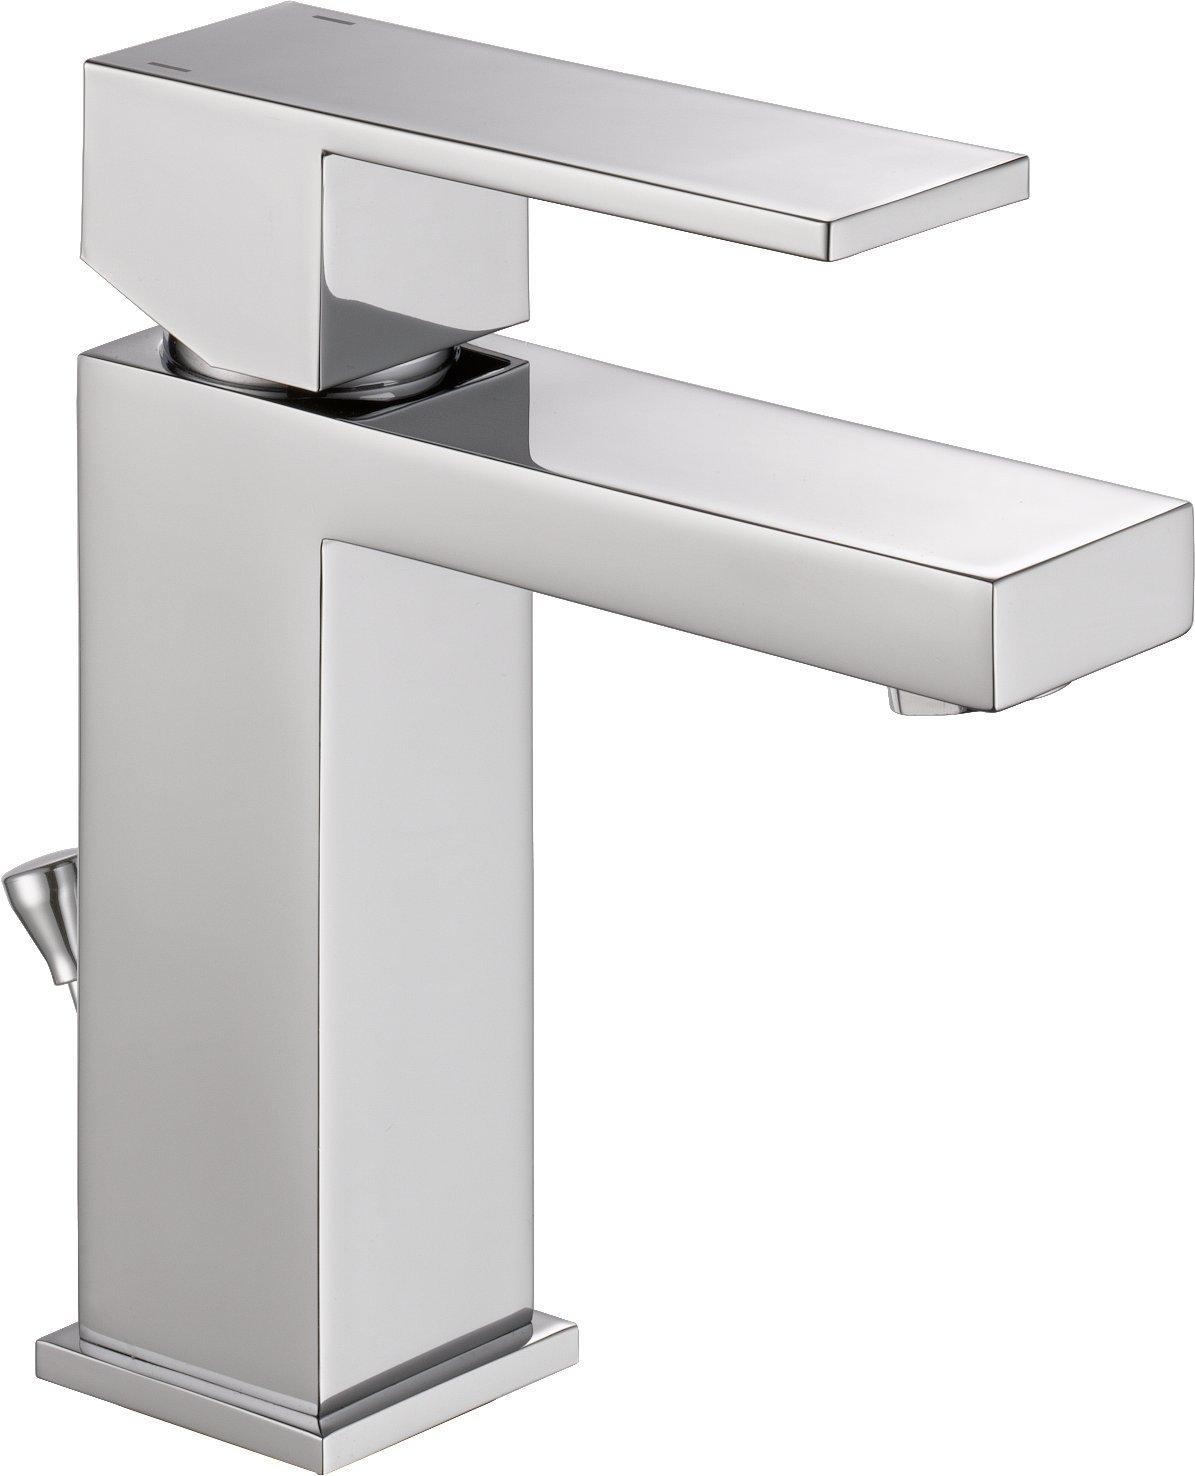 Bathroom Sink Delta Faucet: Amazon.com